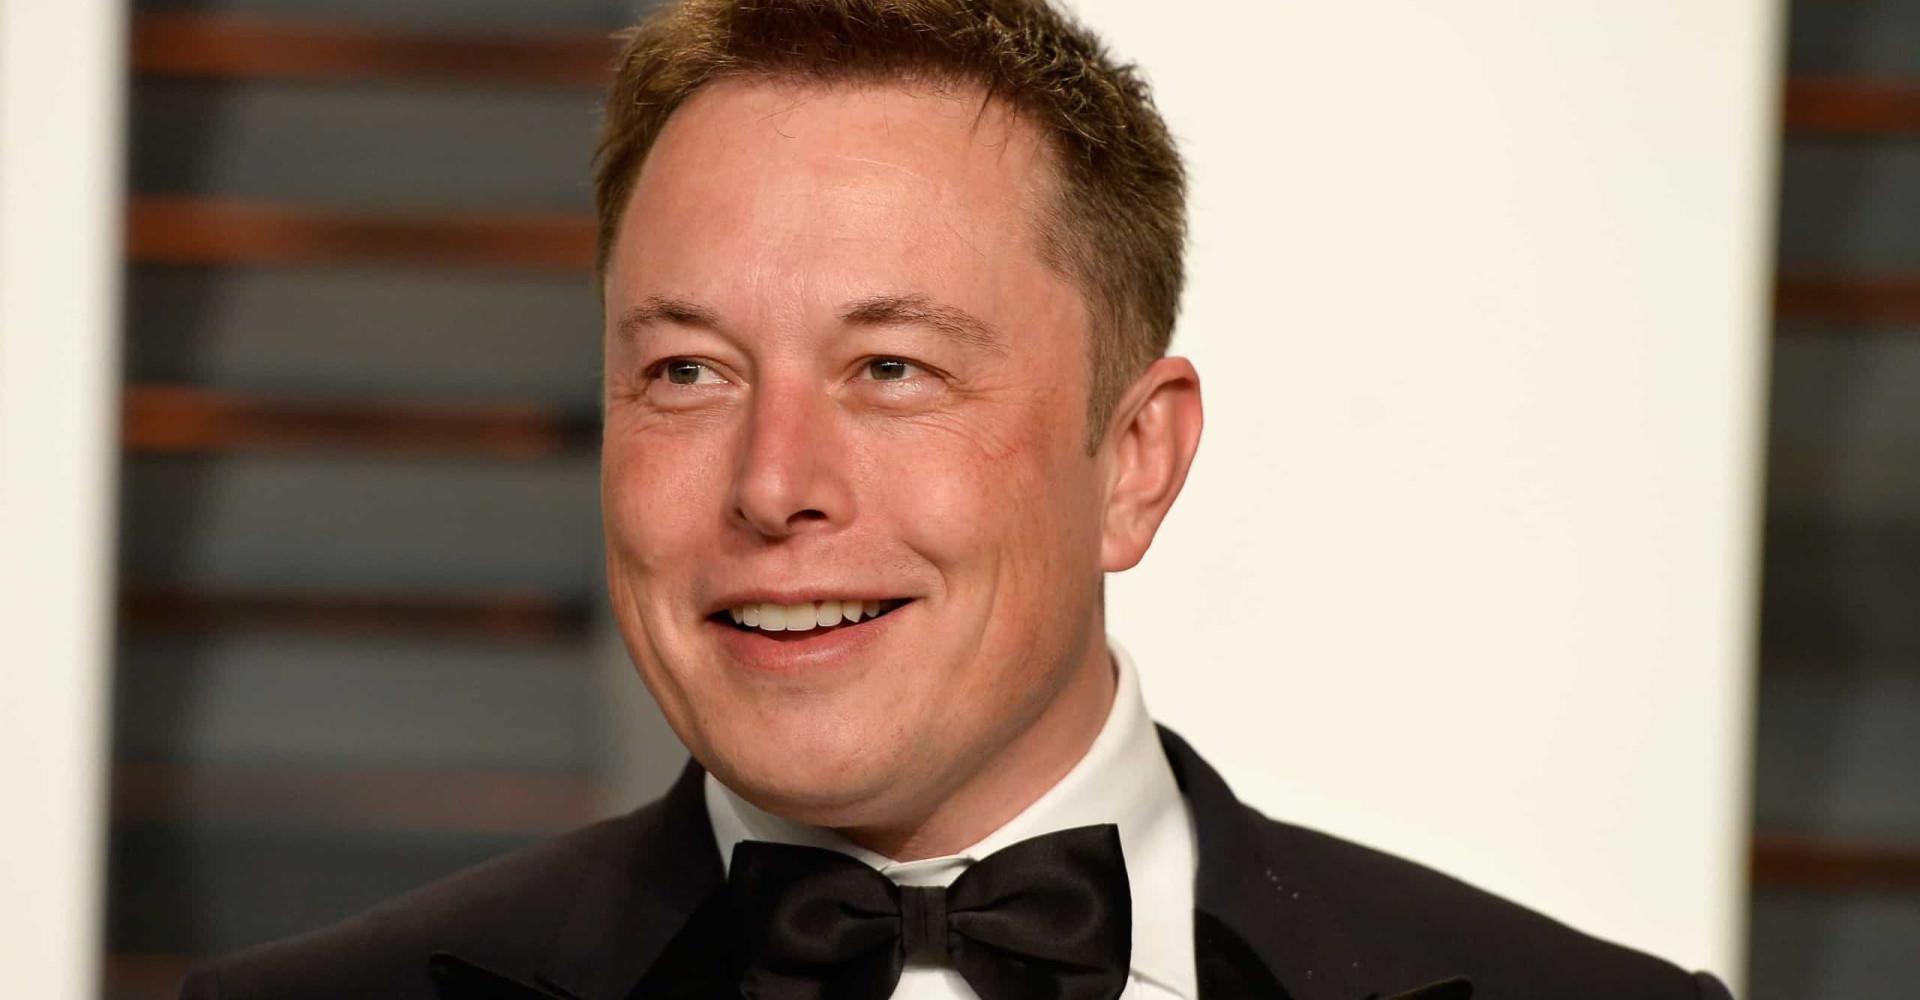 Elon Musk: quem é o empreendedor do momento?